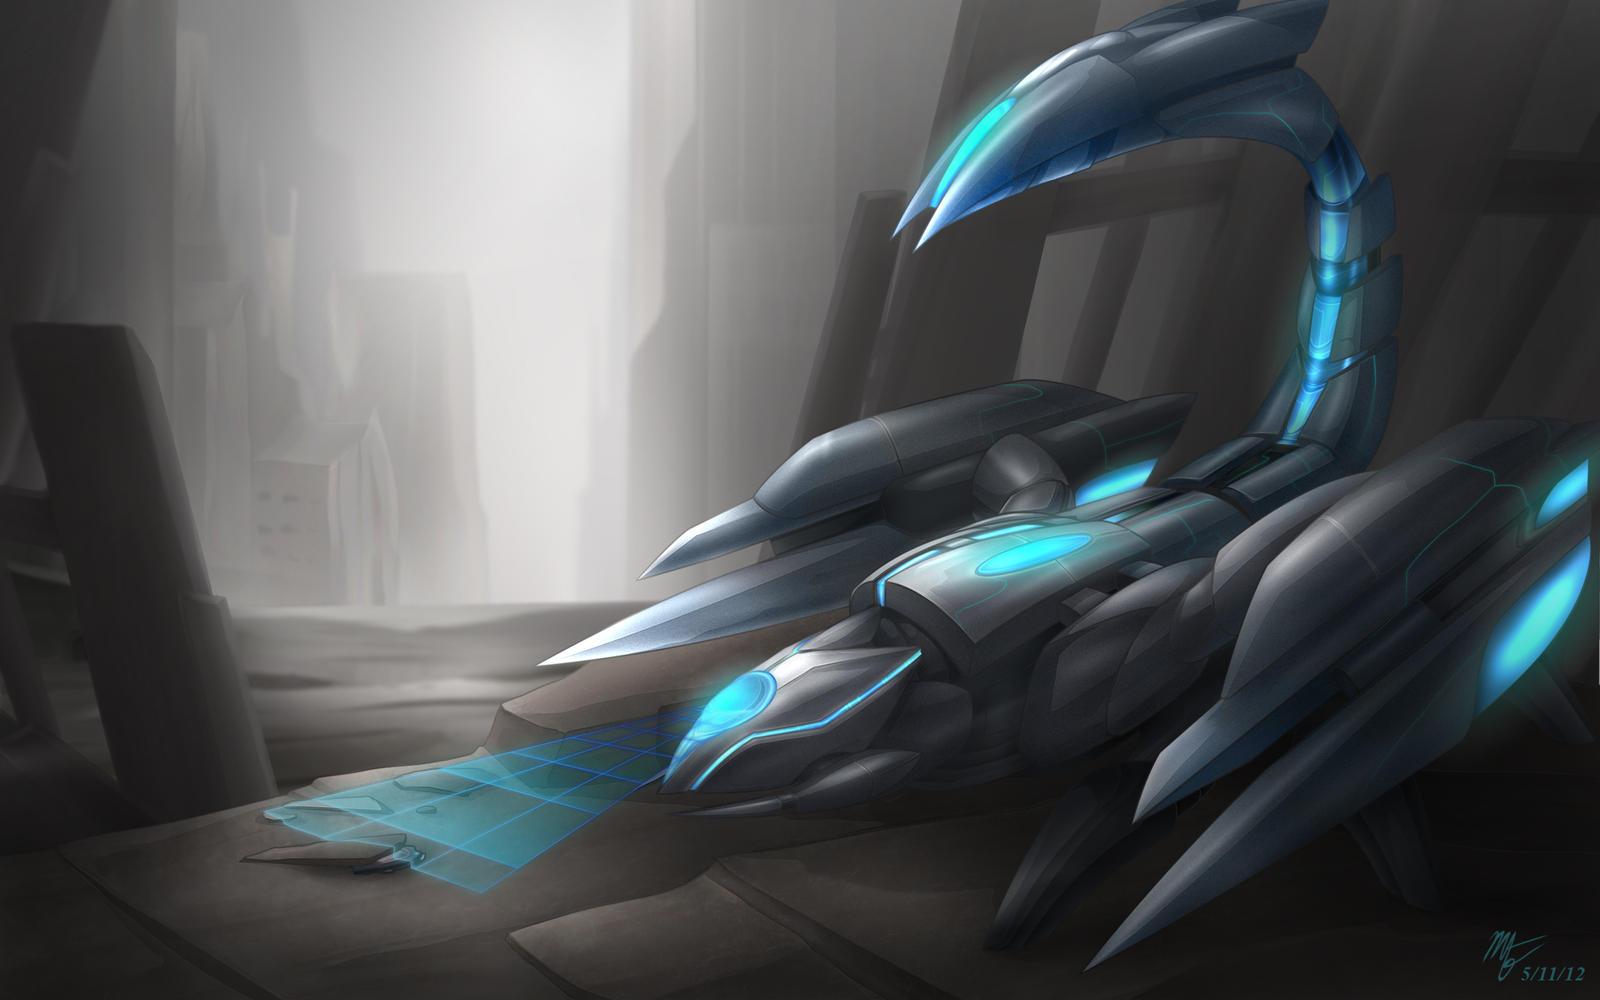 Droid Skarner by VegaColors